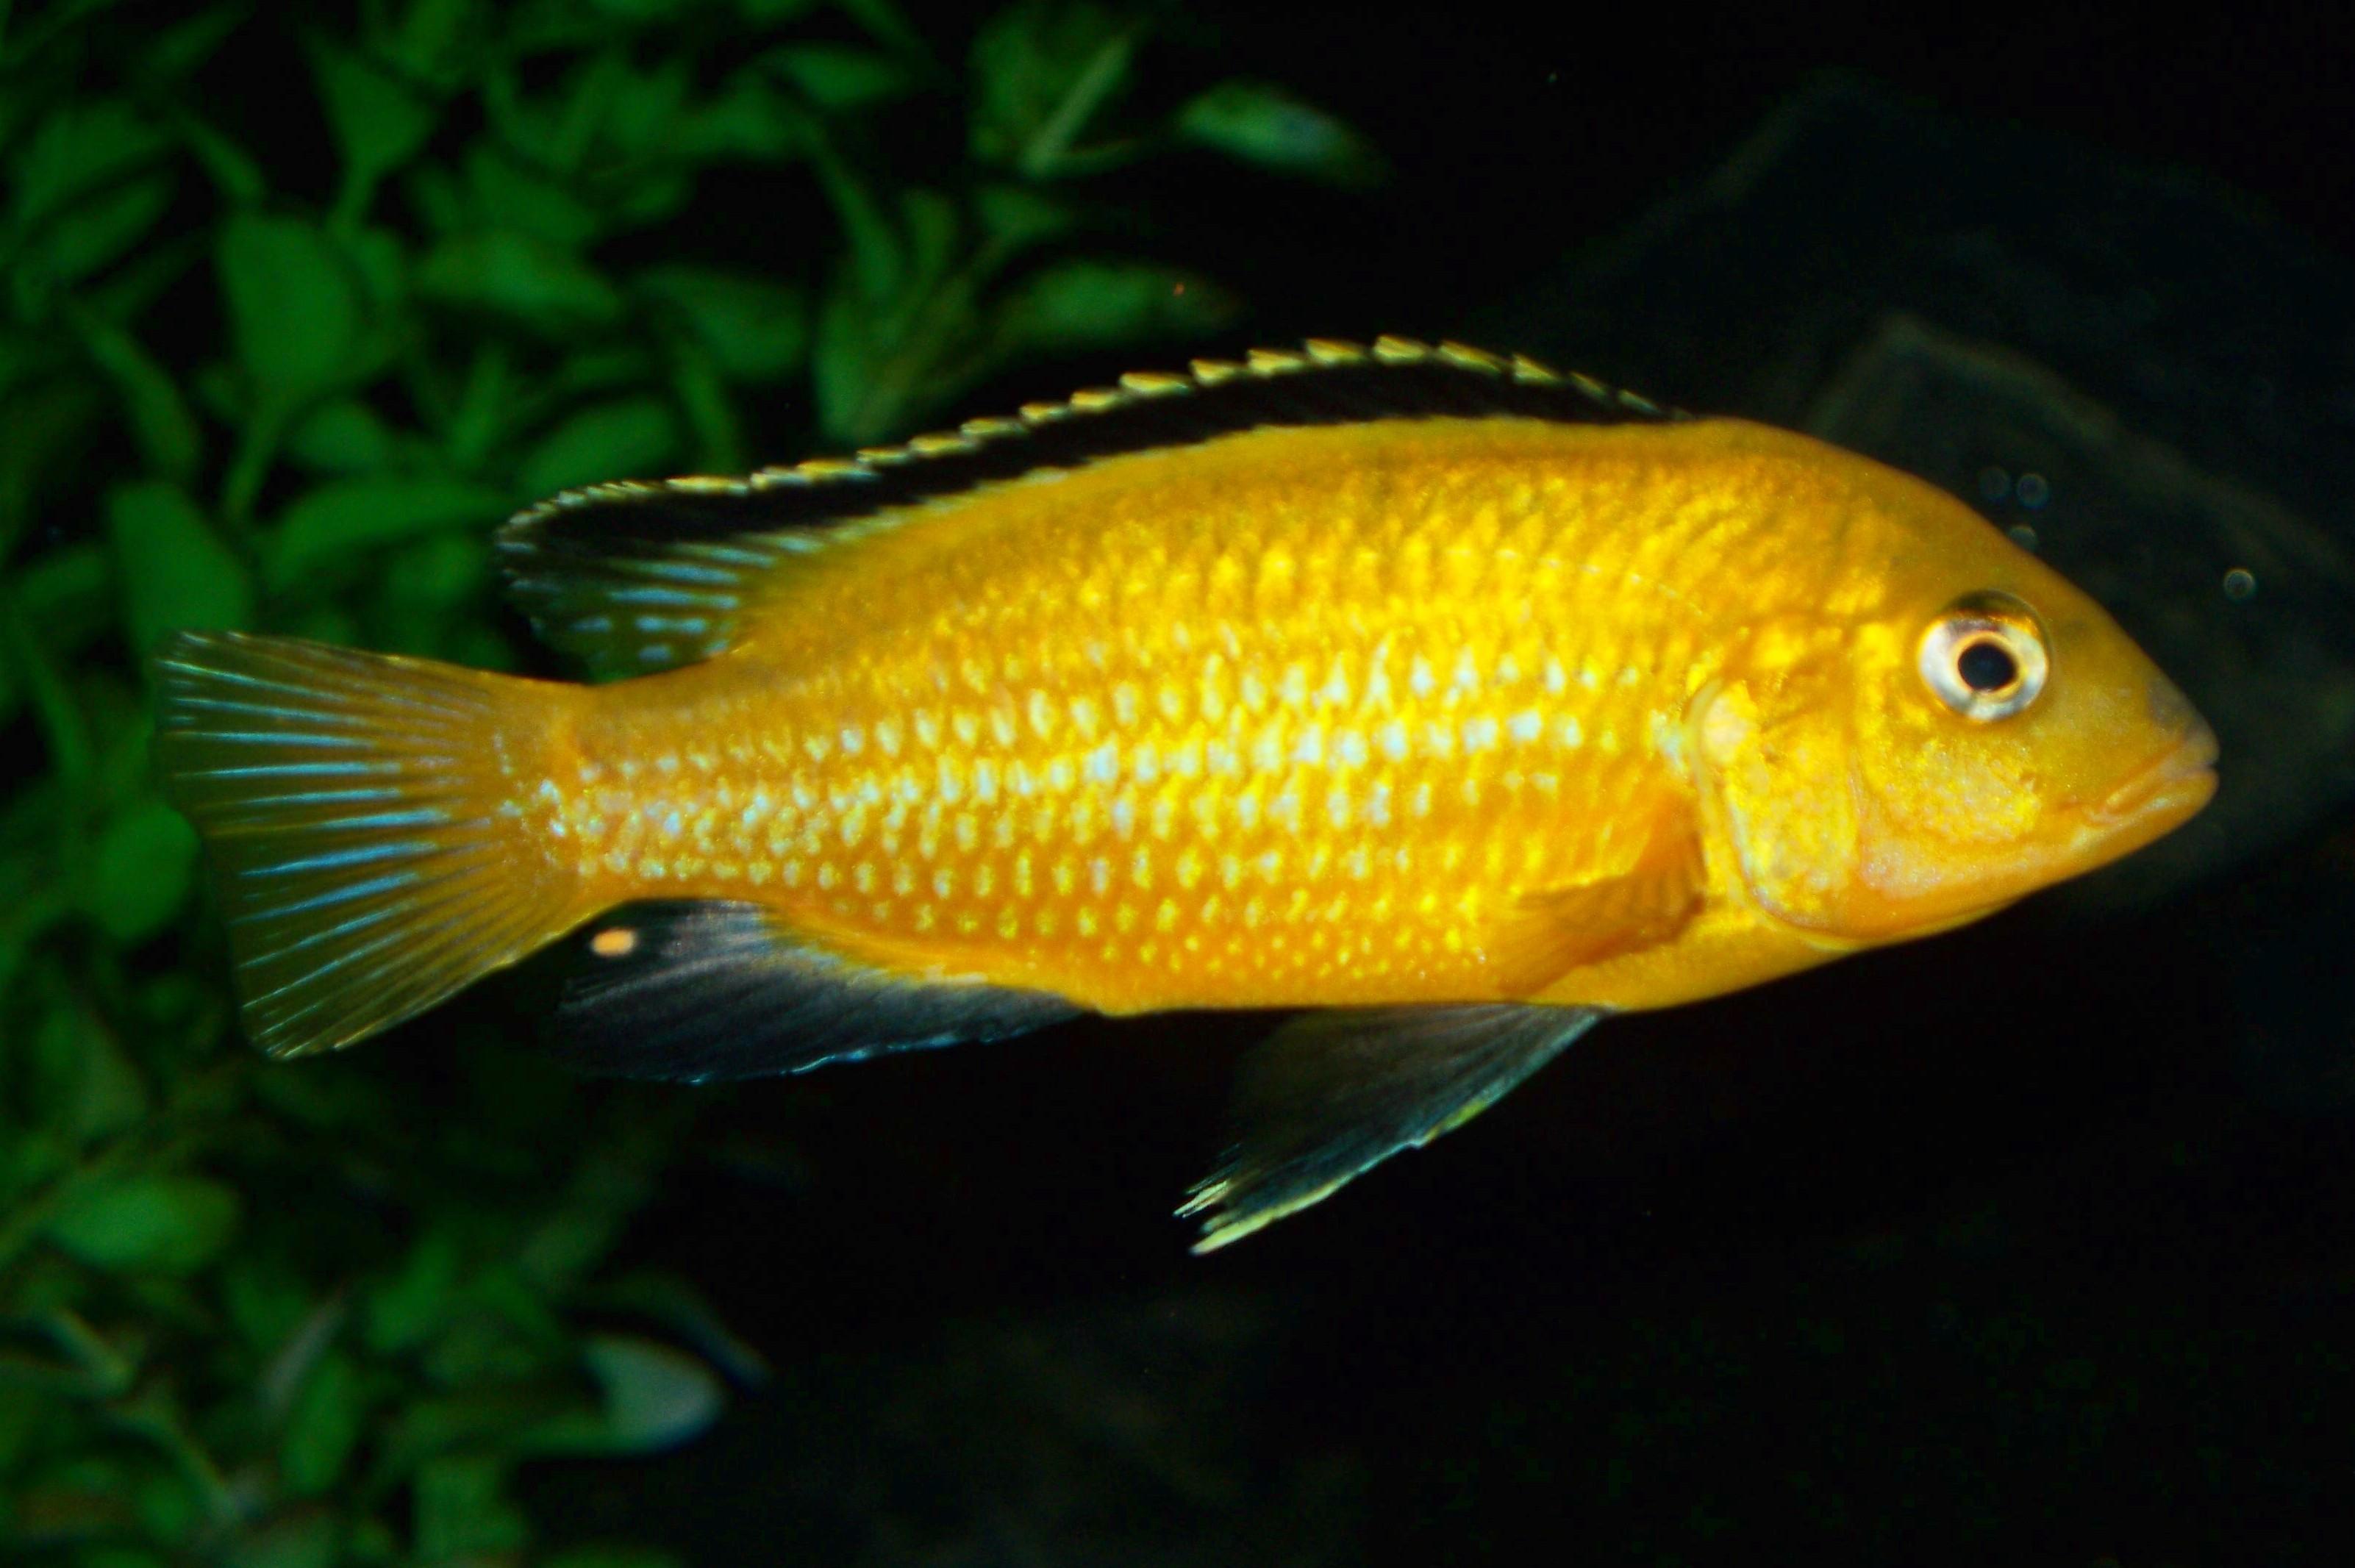 cichlids.com: F1 Labidochromis caeruleus Lions Cove.  cichlids.com: F...